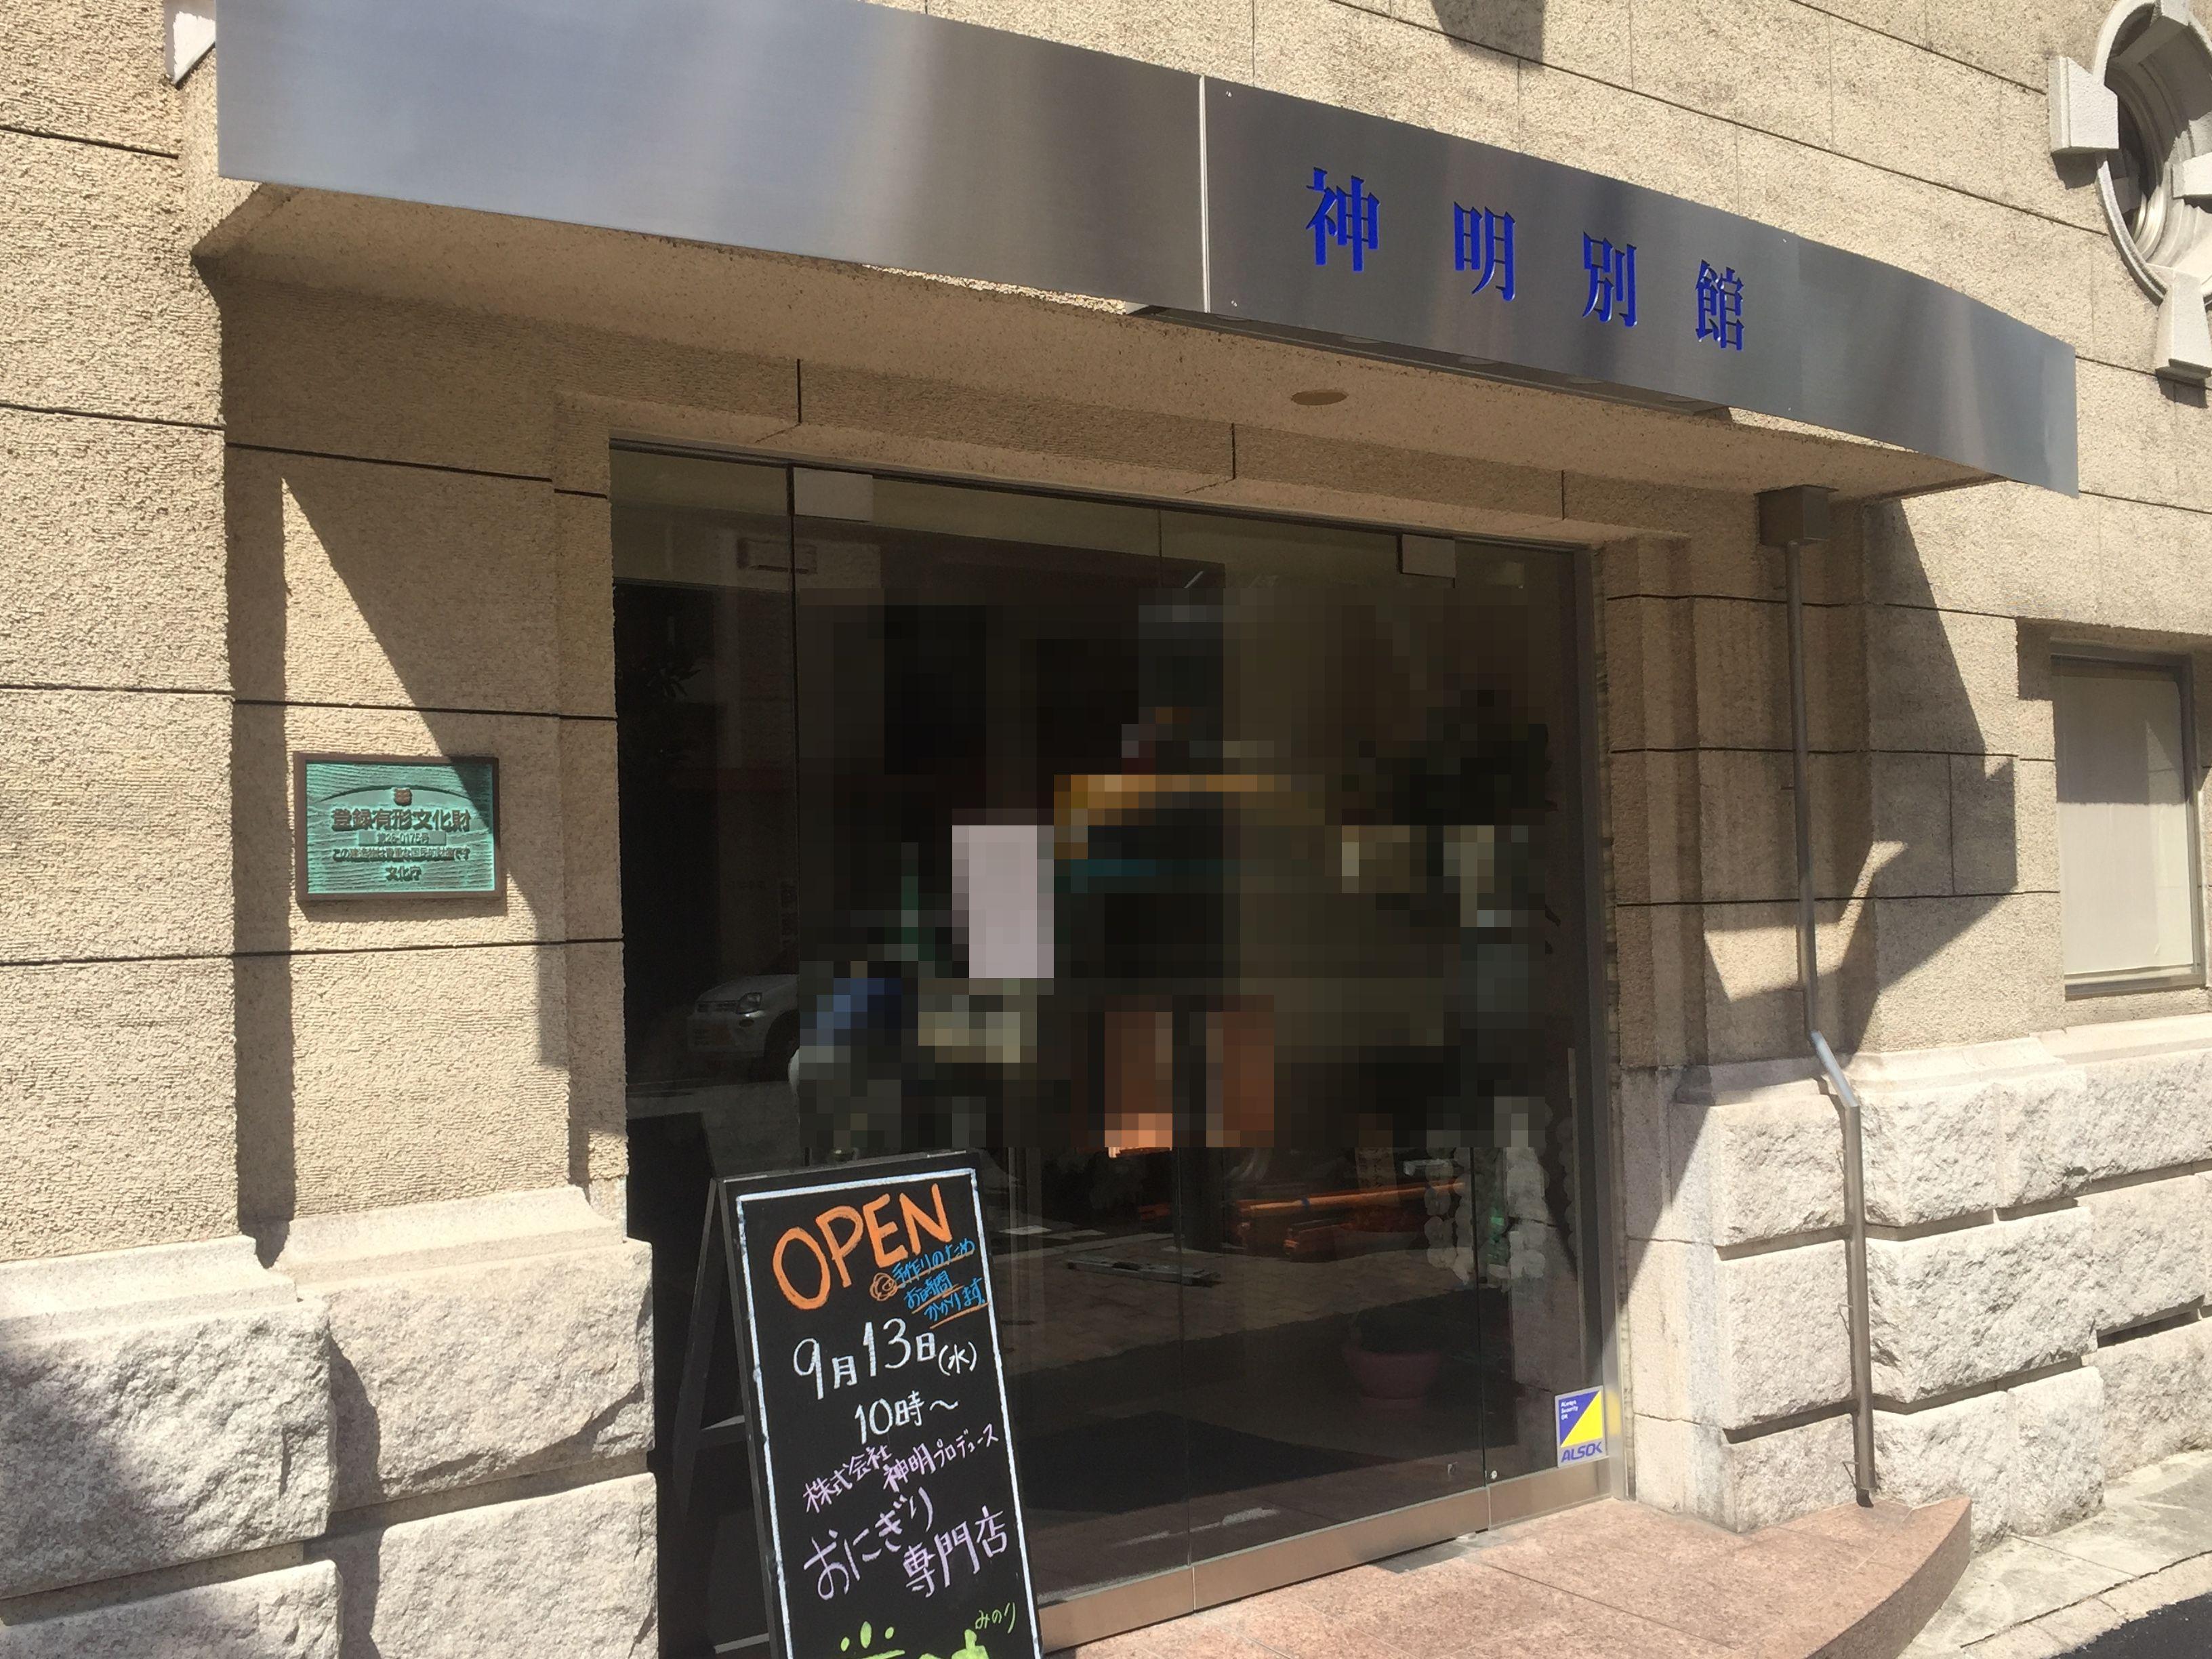 神戸・西元町におにぎり専門店「五穀豊穣 米処 穂(みのり)」が9/13オープン!カンブリア宮殿で紹介された、おいしさの人気スポットに行ってみた! #神明 #カンブリア宮殿 #近代建築